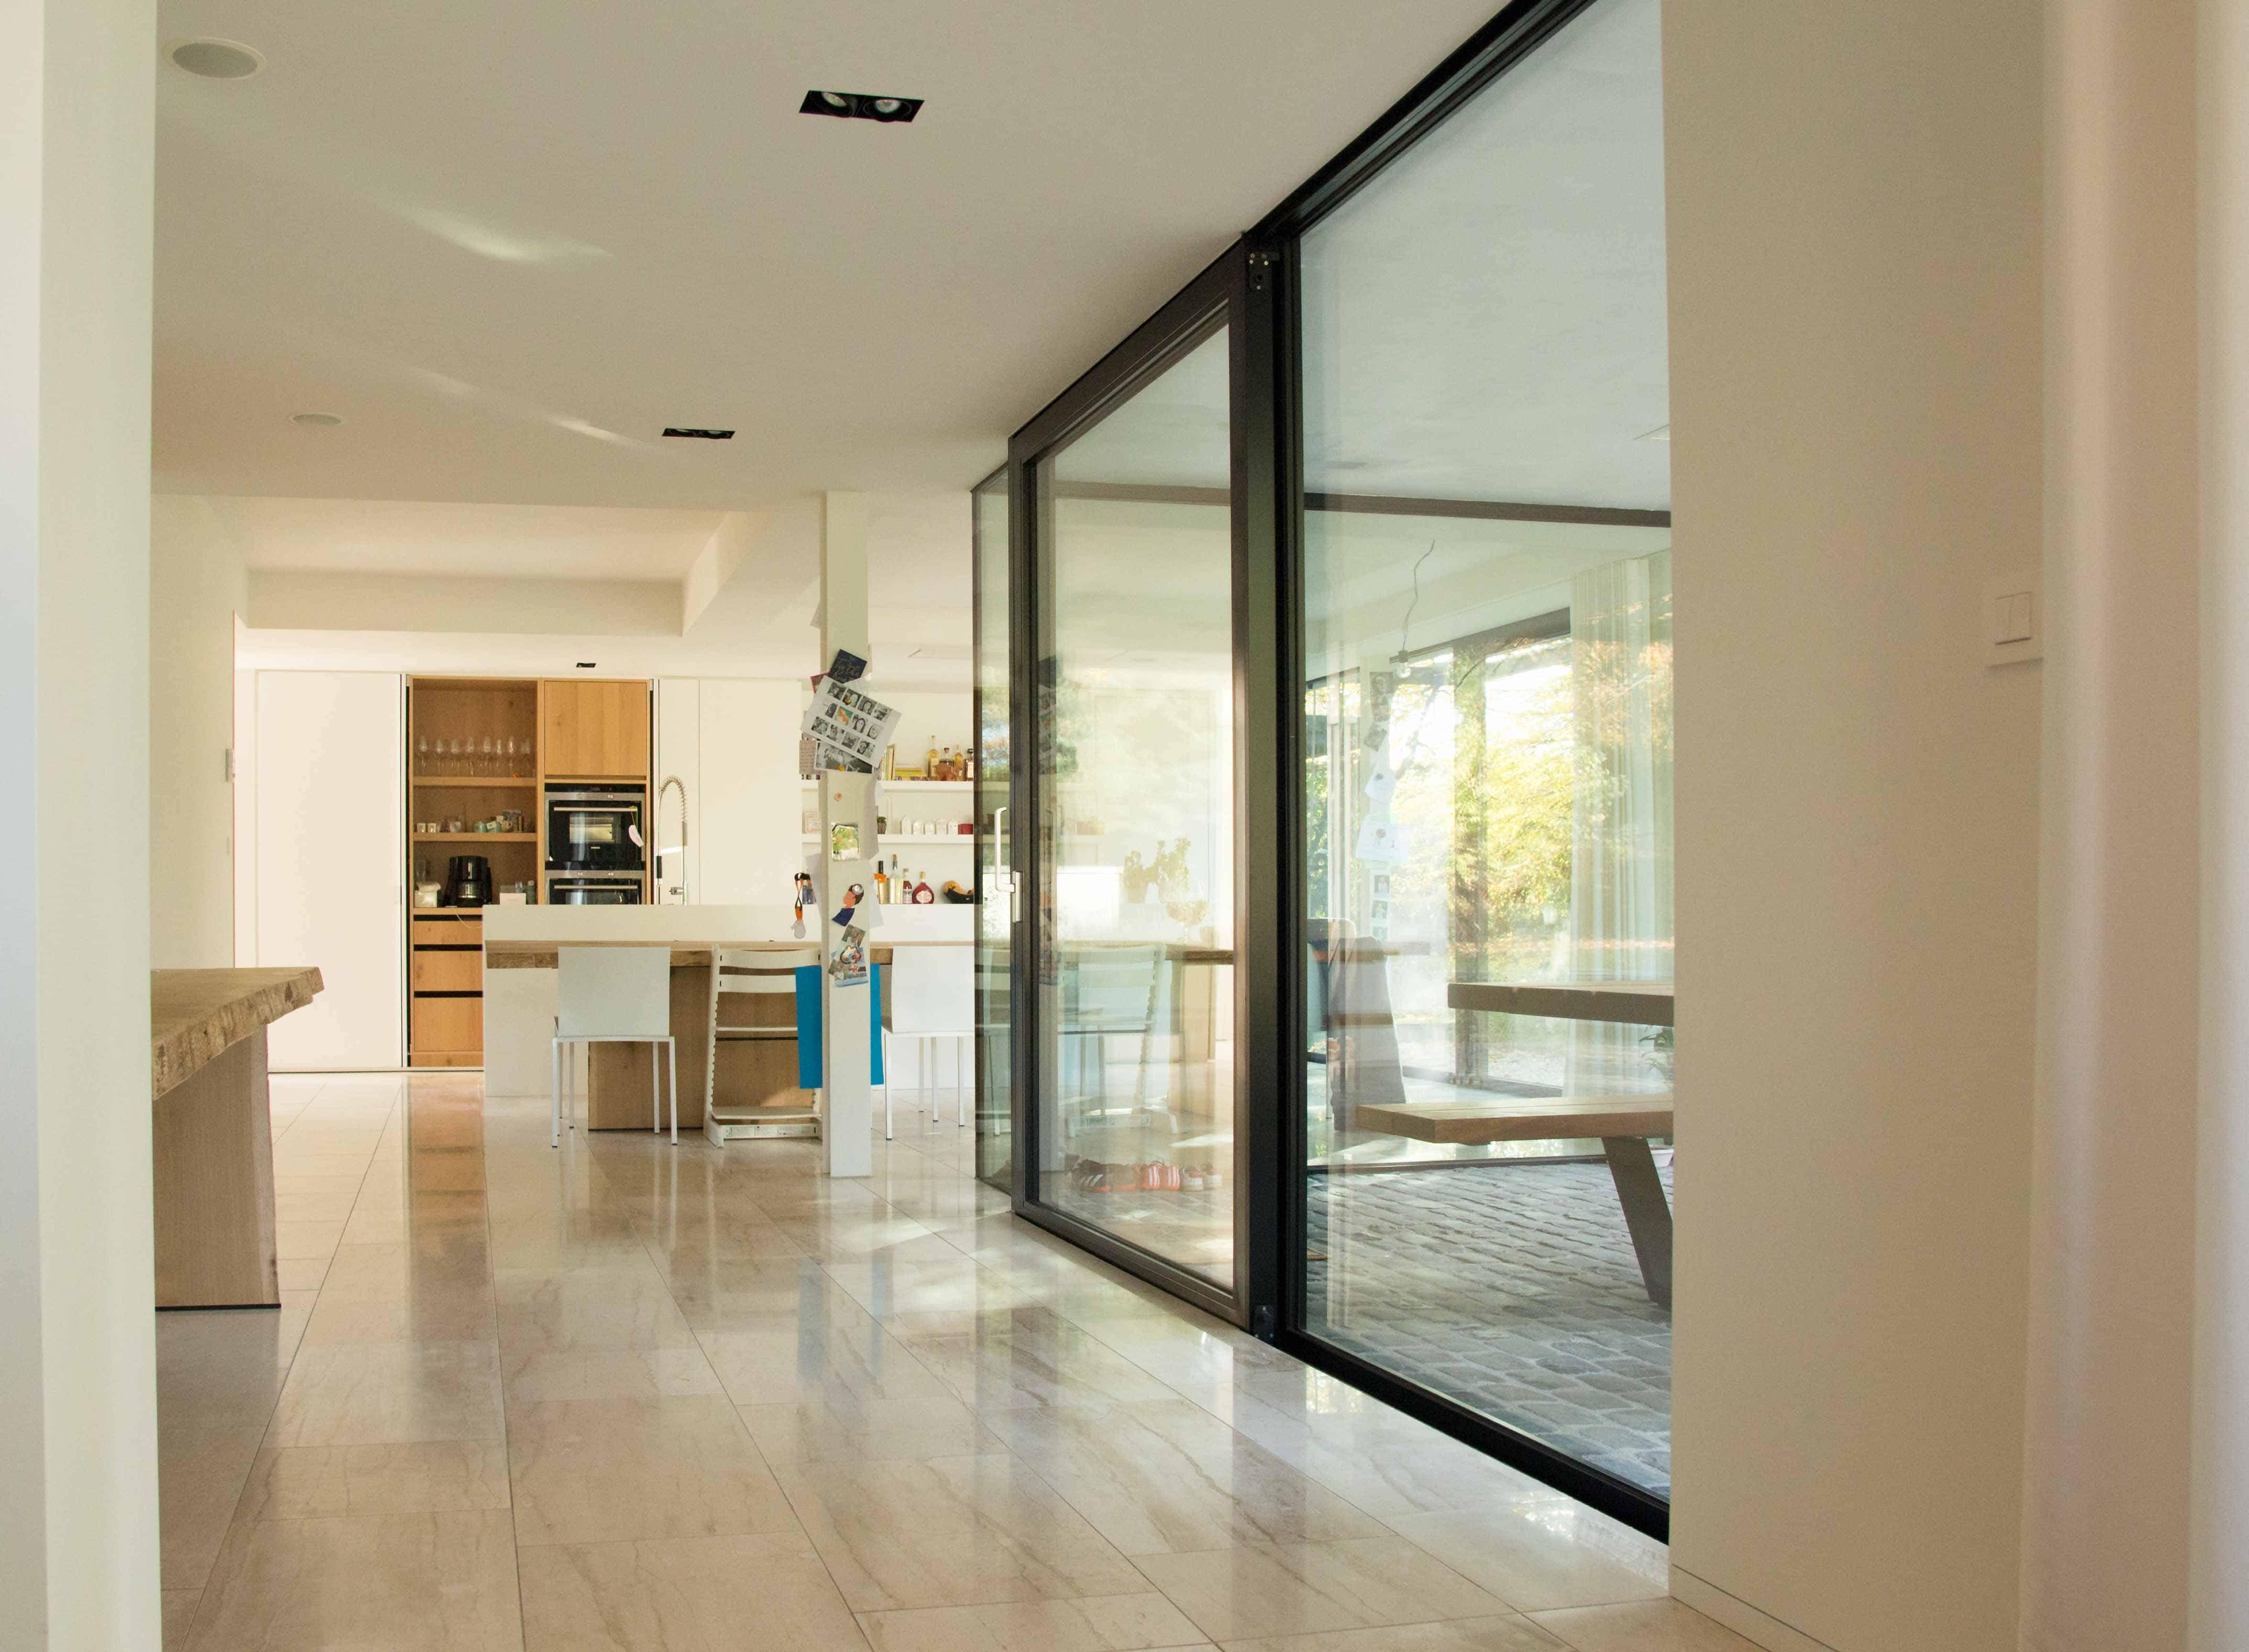 Villa zicht op keuken